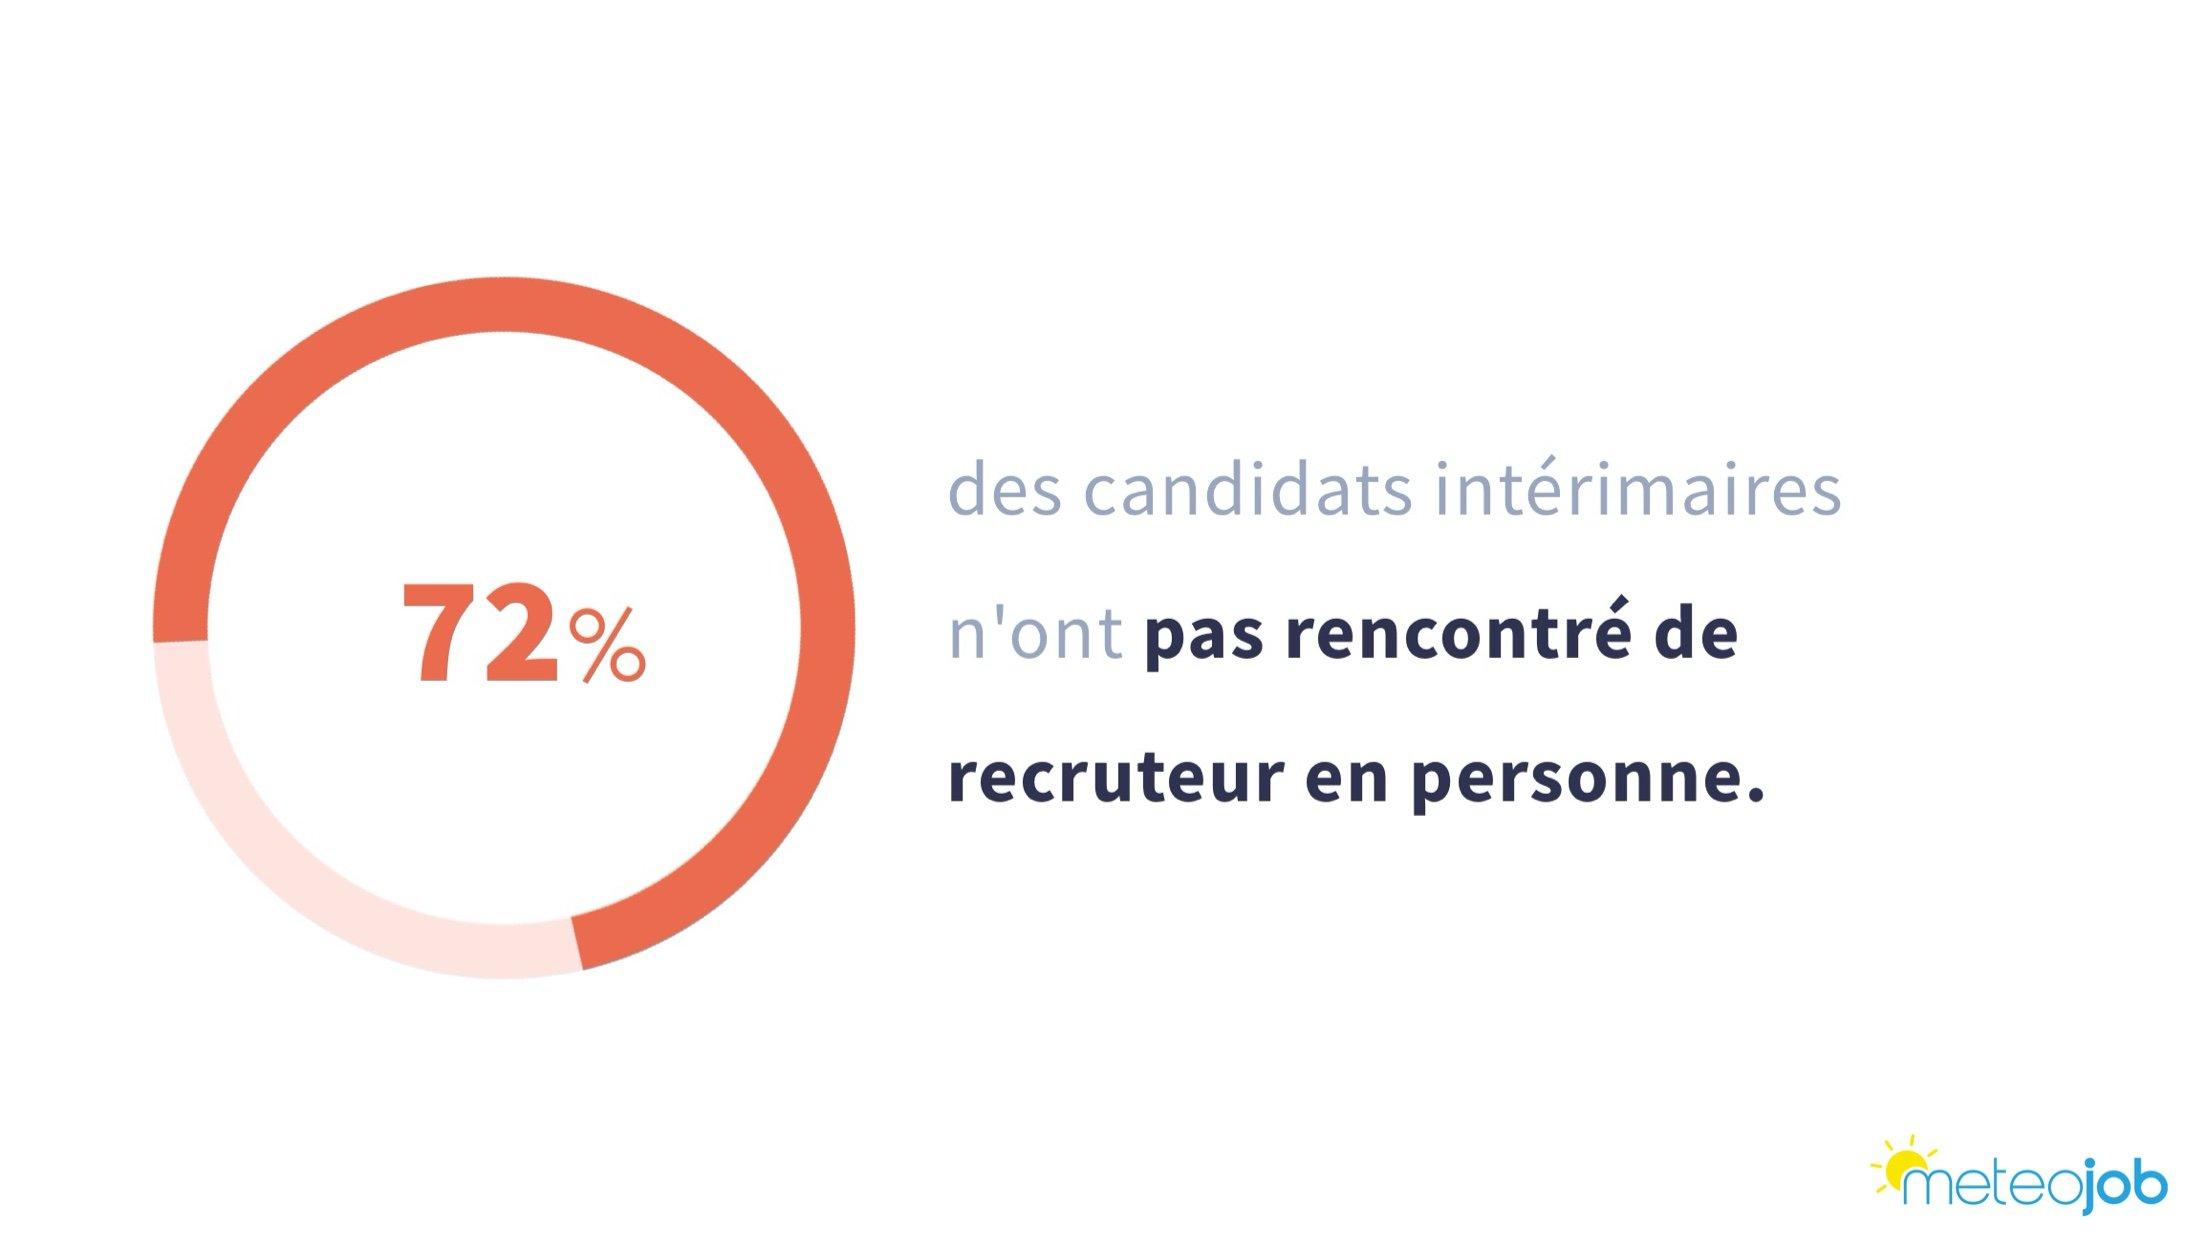 72% des candidats nont pas rencontré de recruteur en personne